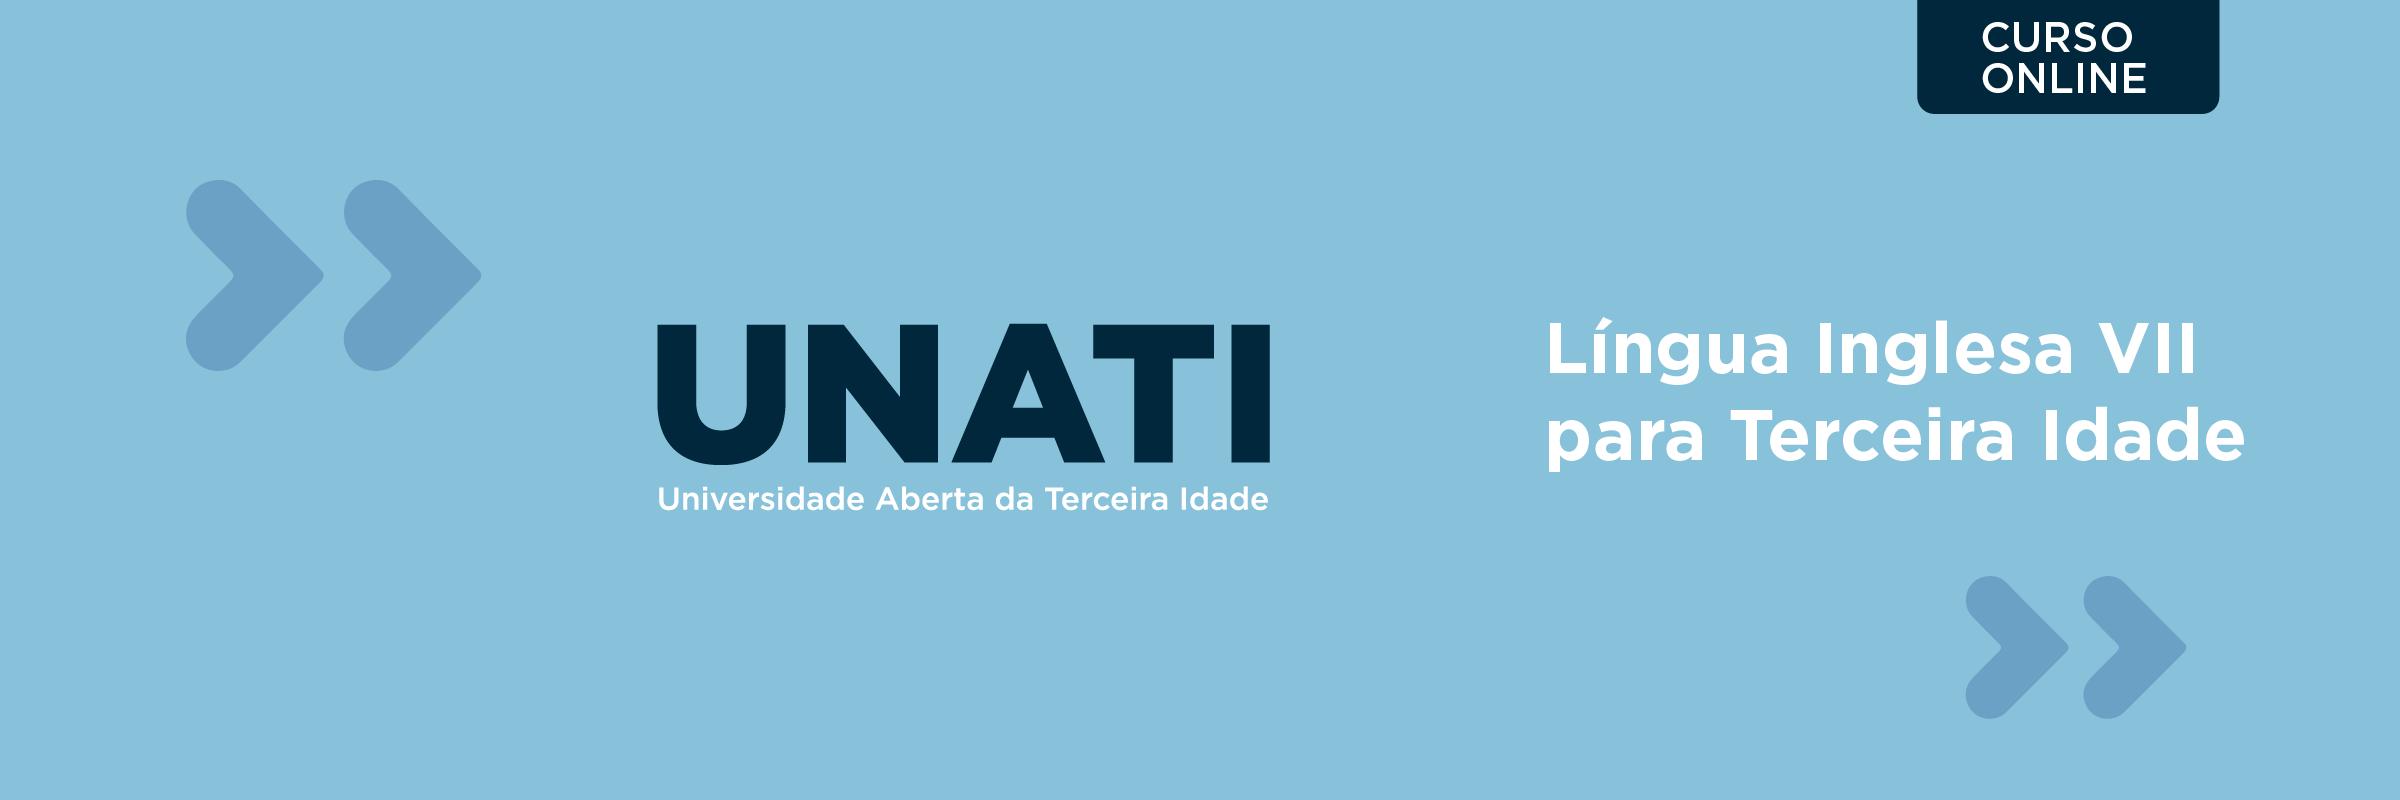 192439-CURSO DE EXTENSÃO EM LÍNGUA INGLESA VII PARA TERCEIRA IDADE